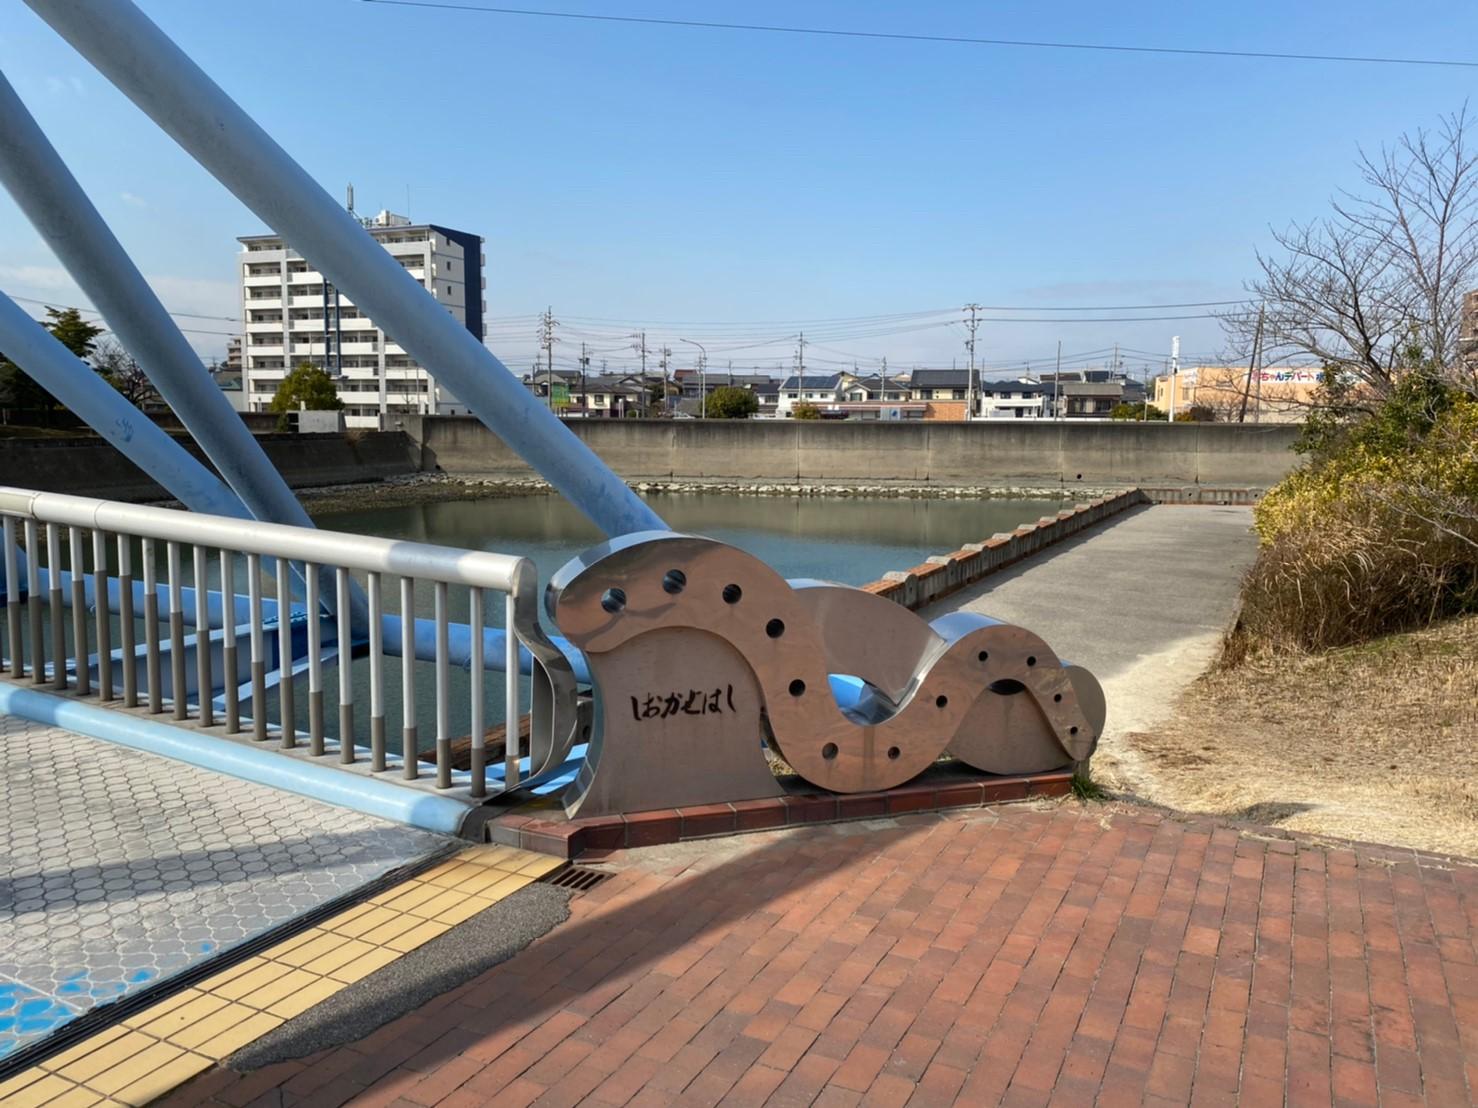 【ハゼとセイゴのスポット】『新居川周辺:あらいがわしゅうへん』の釣り場ガイド(駐車場・トイレ・釣れる魚)